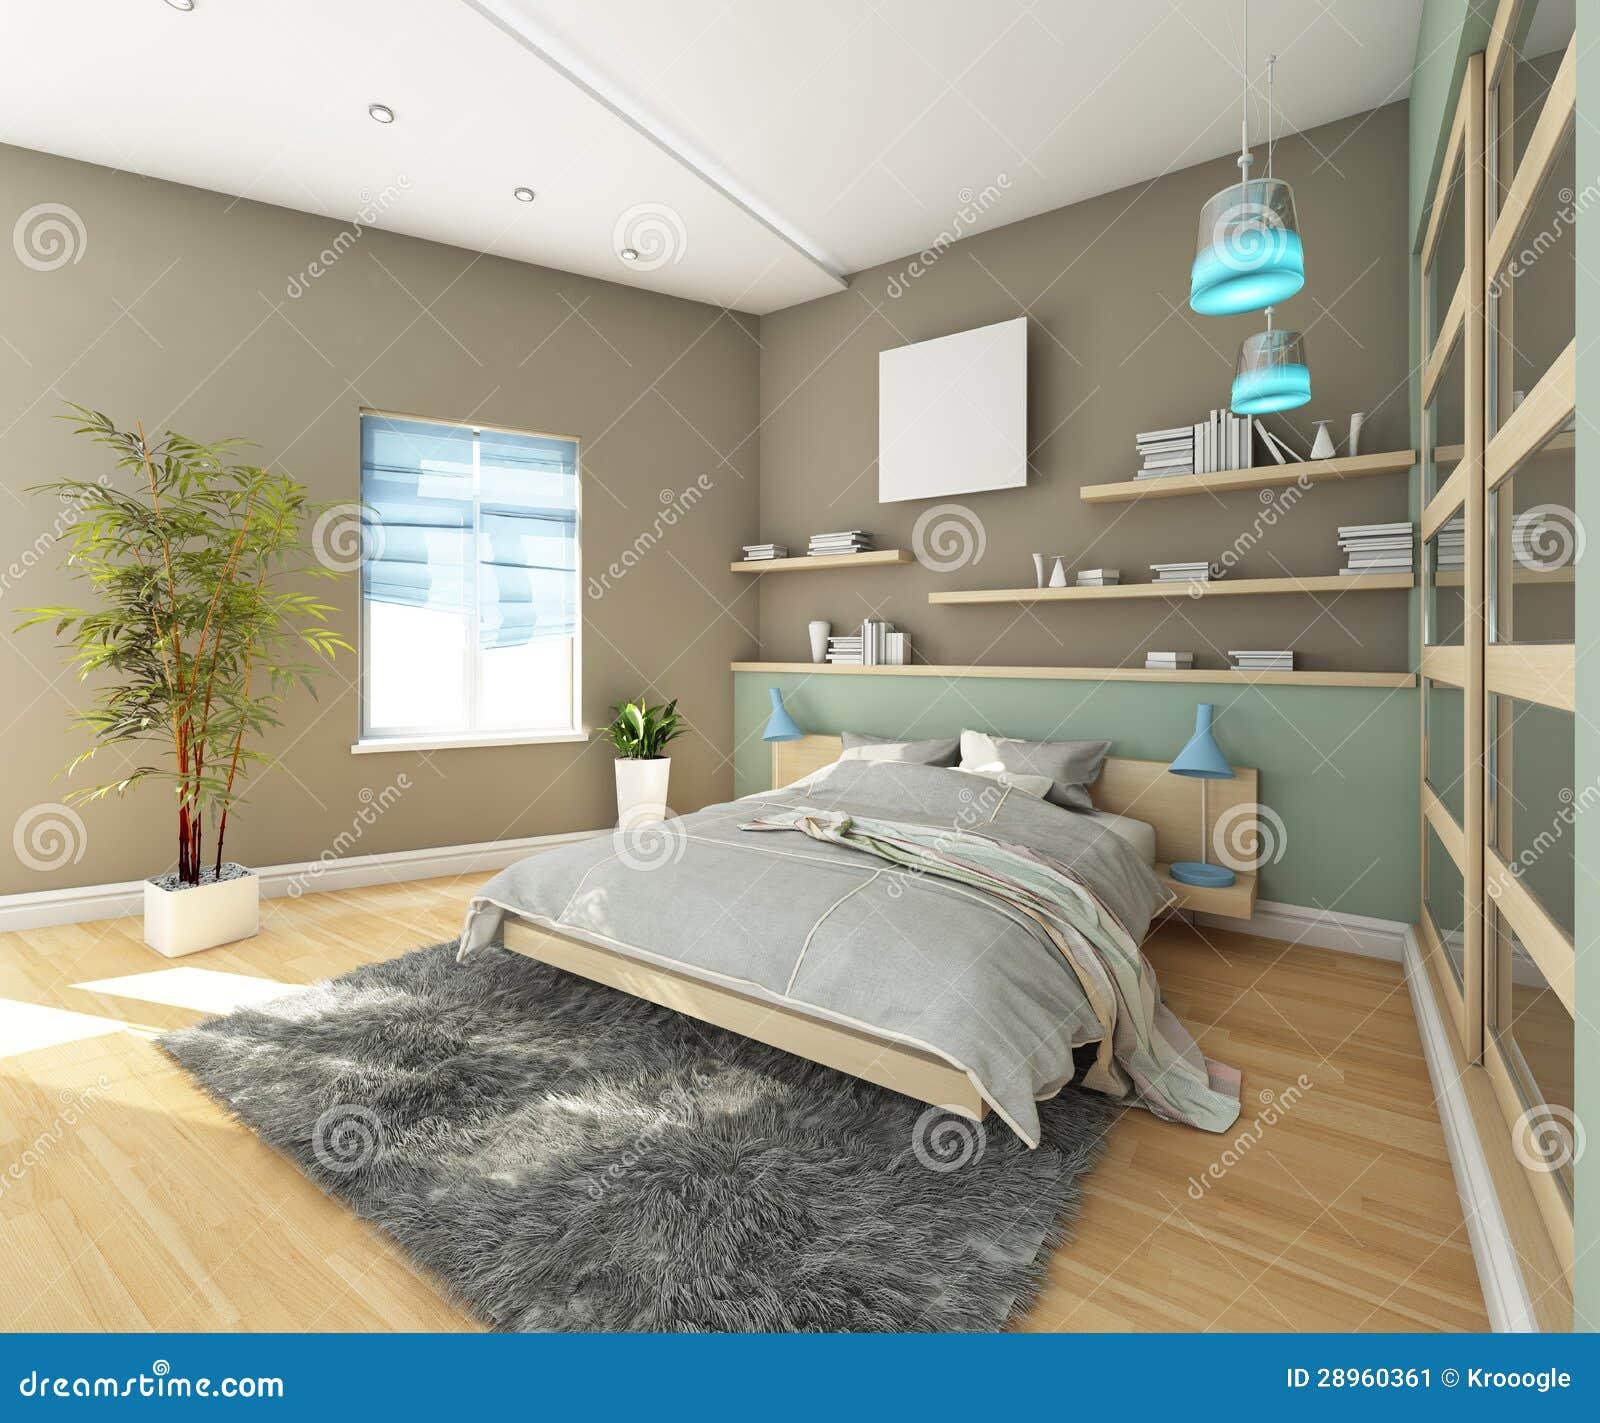 Camera da letto teen con tappeto immagine stock immagine 28960361 - Tappeto per camera da letto ...